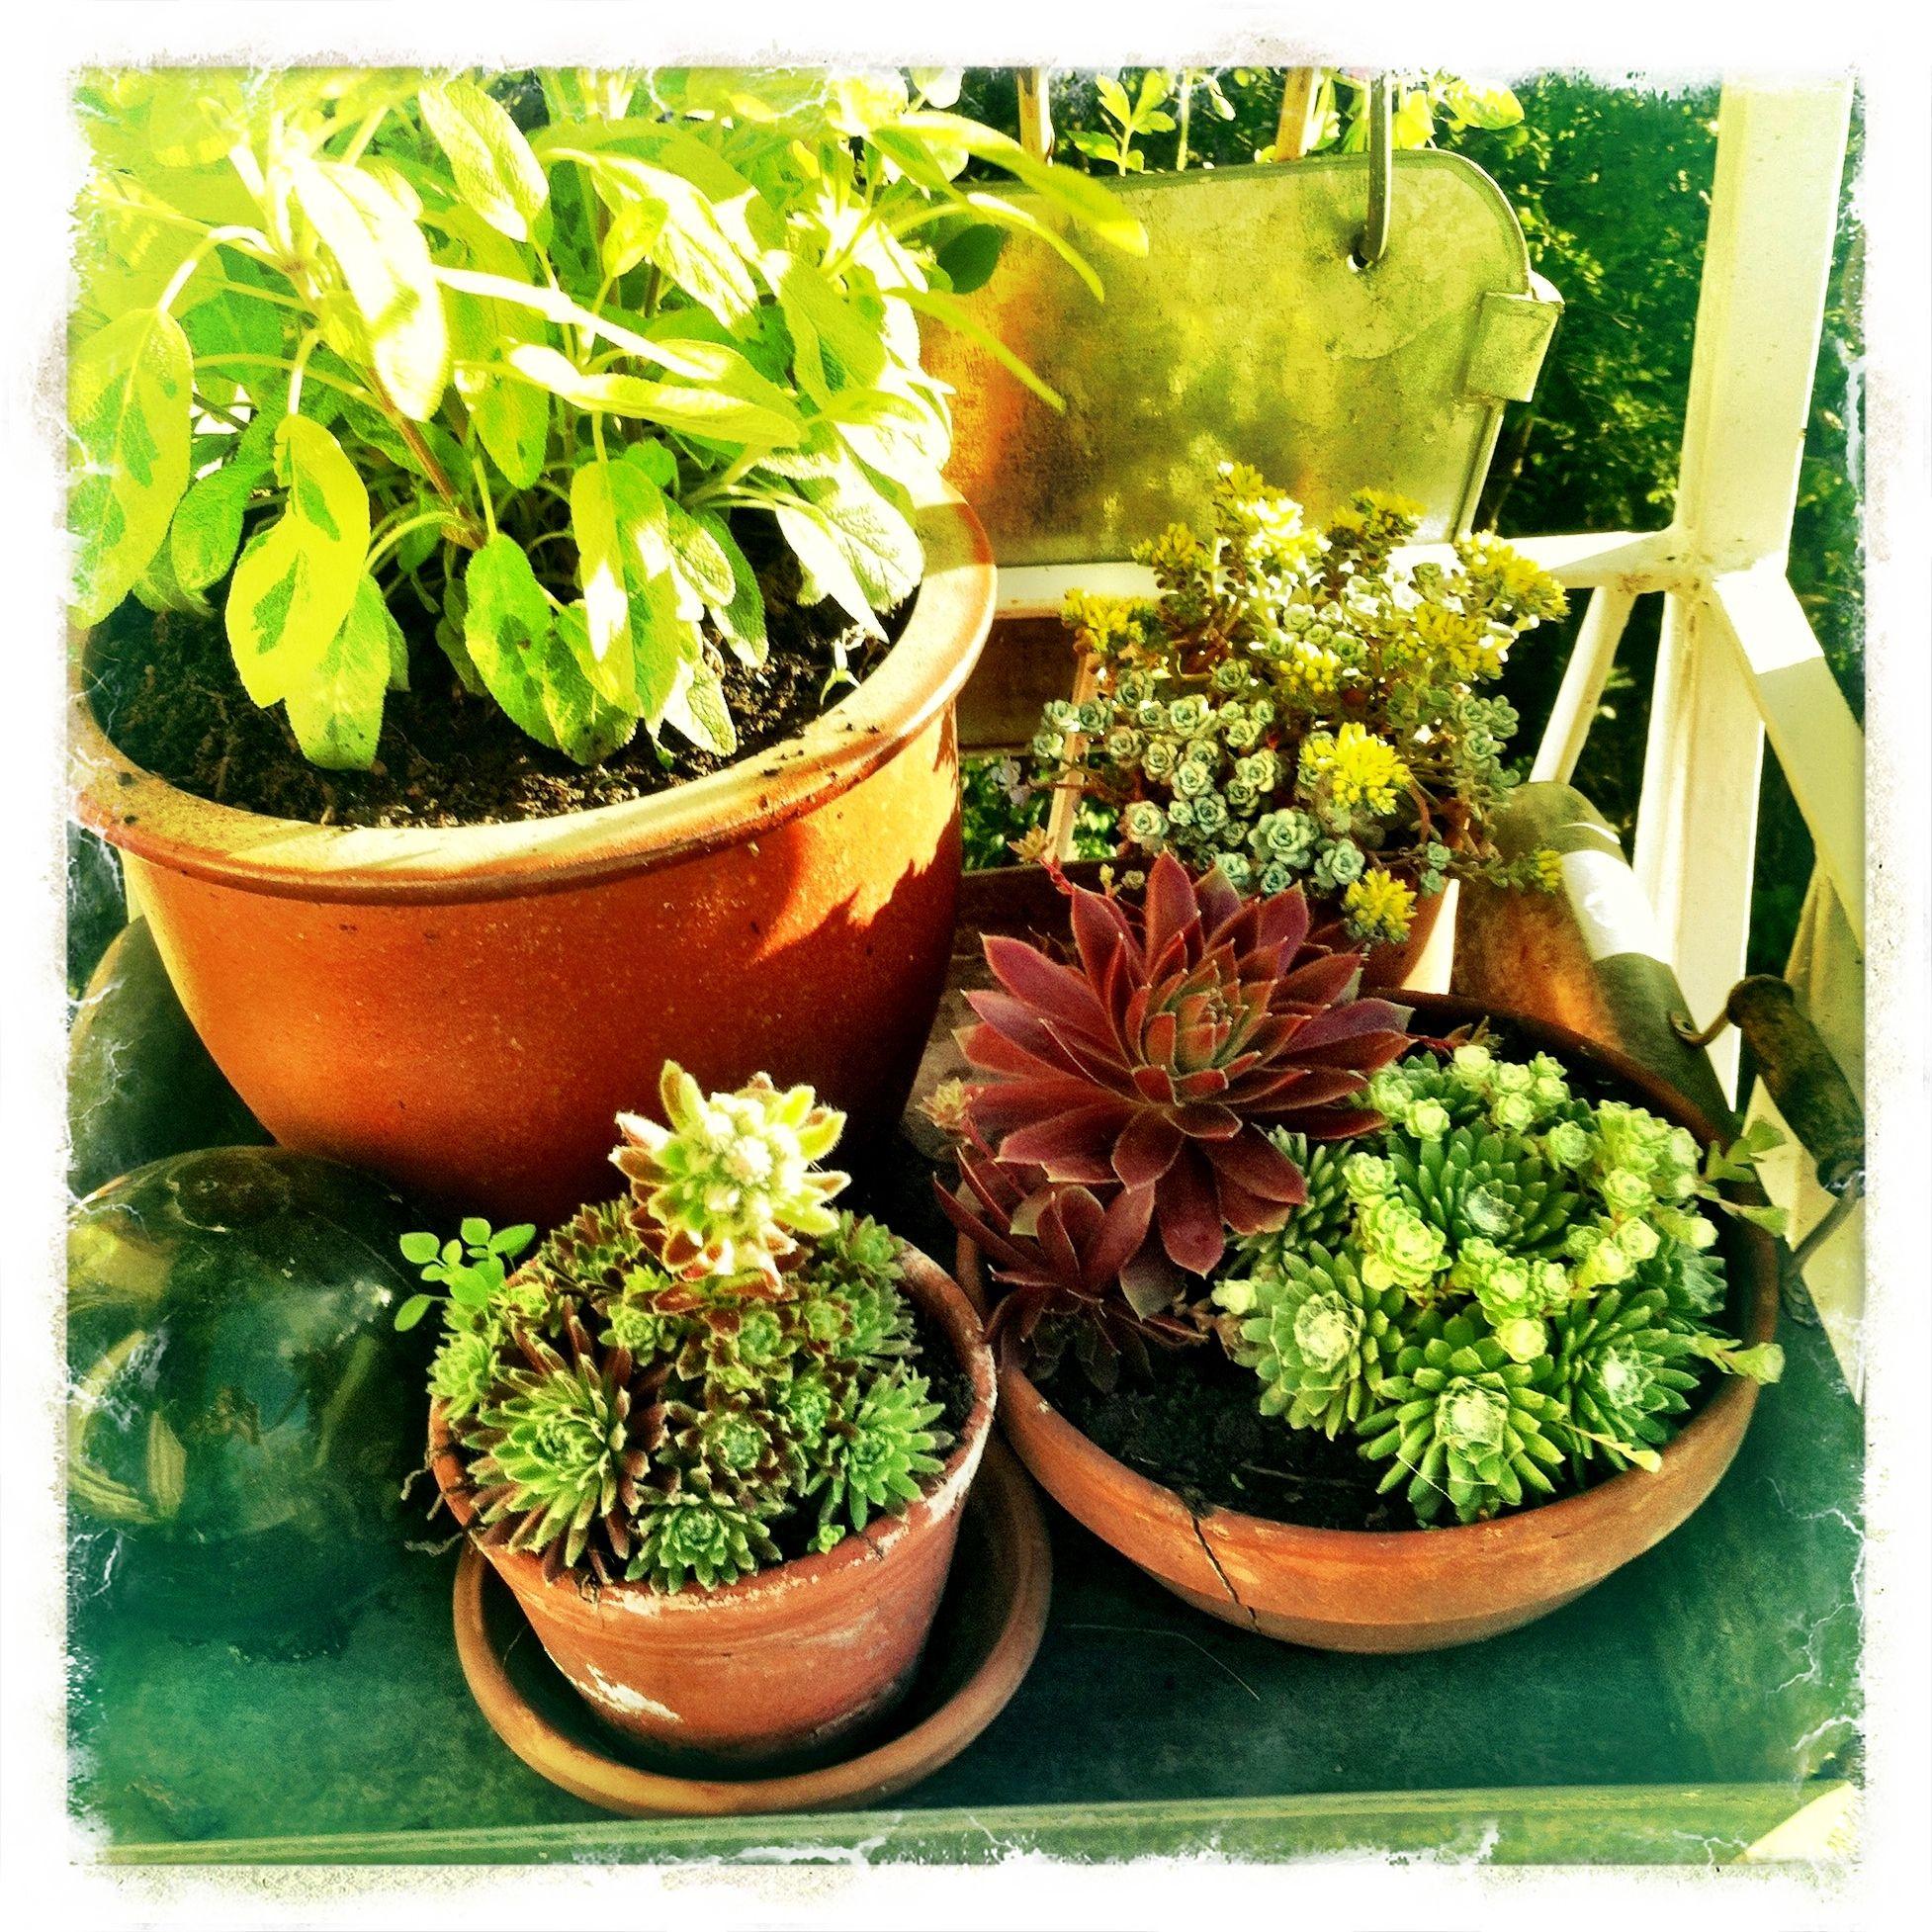 Growing on my balcony...